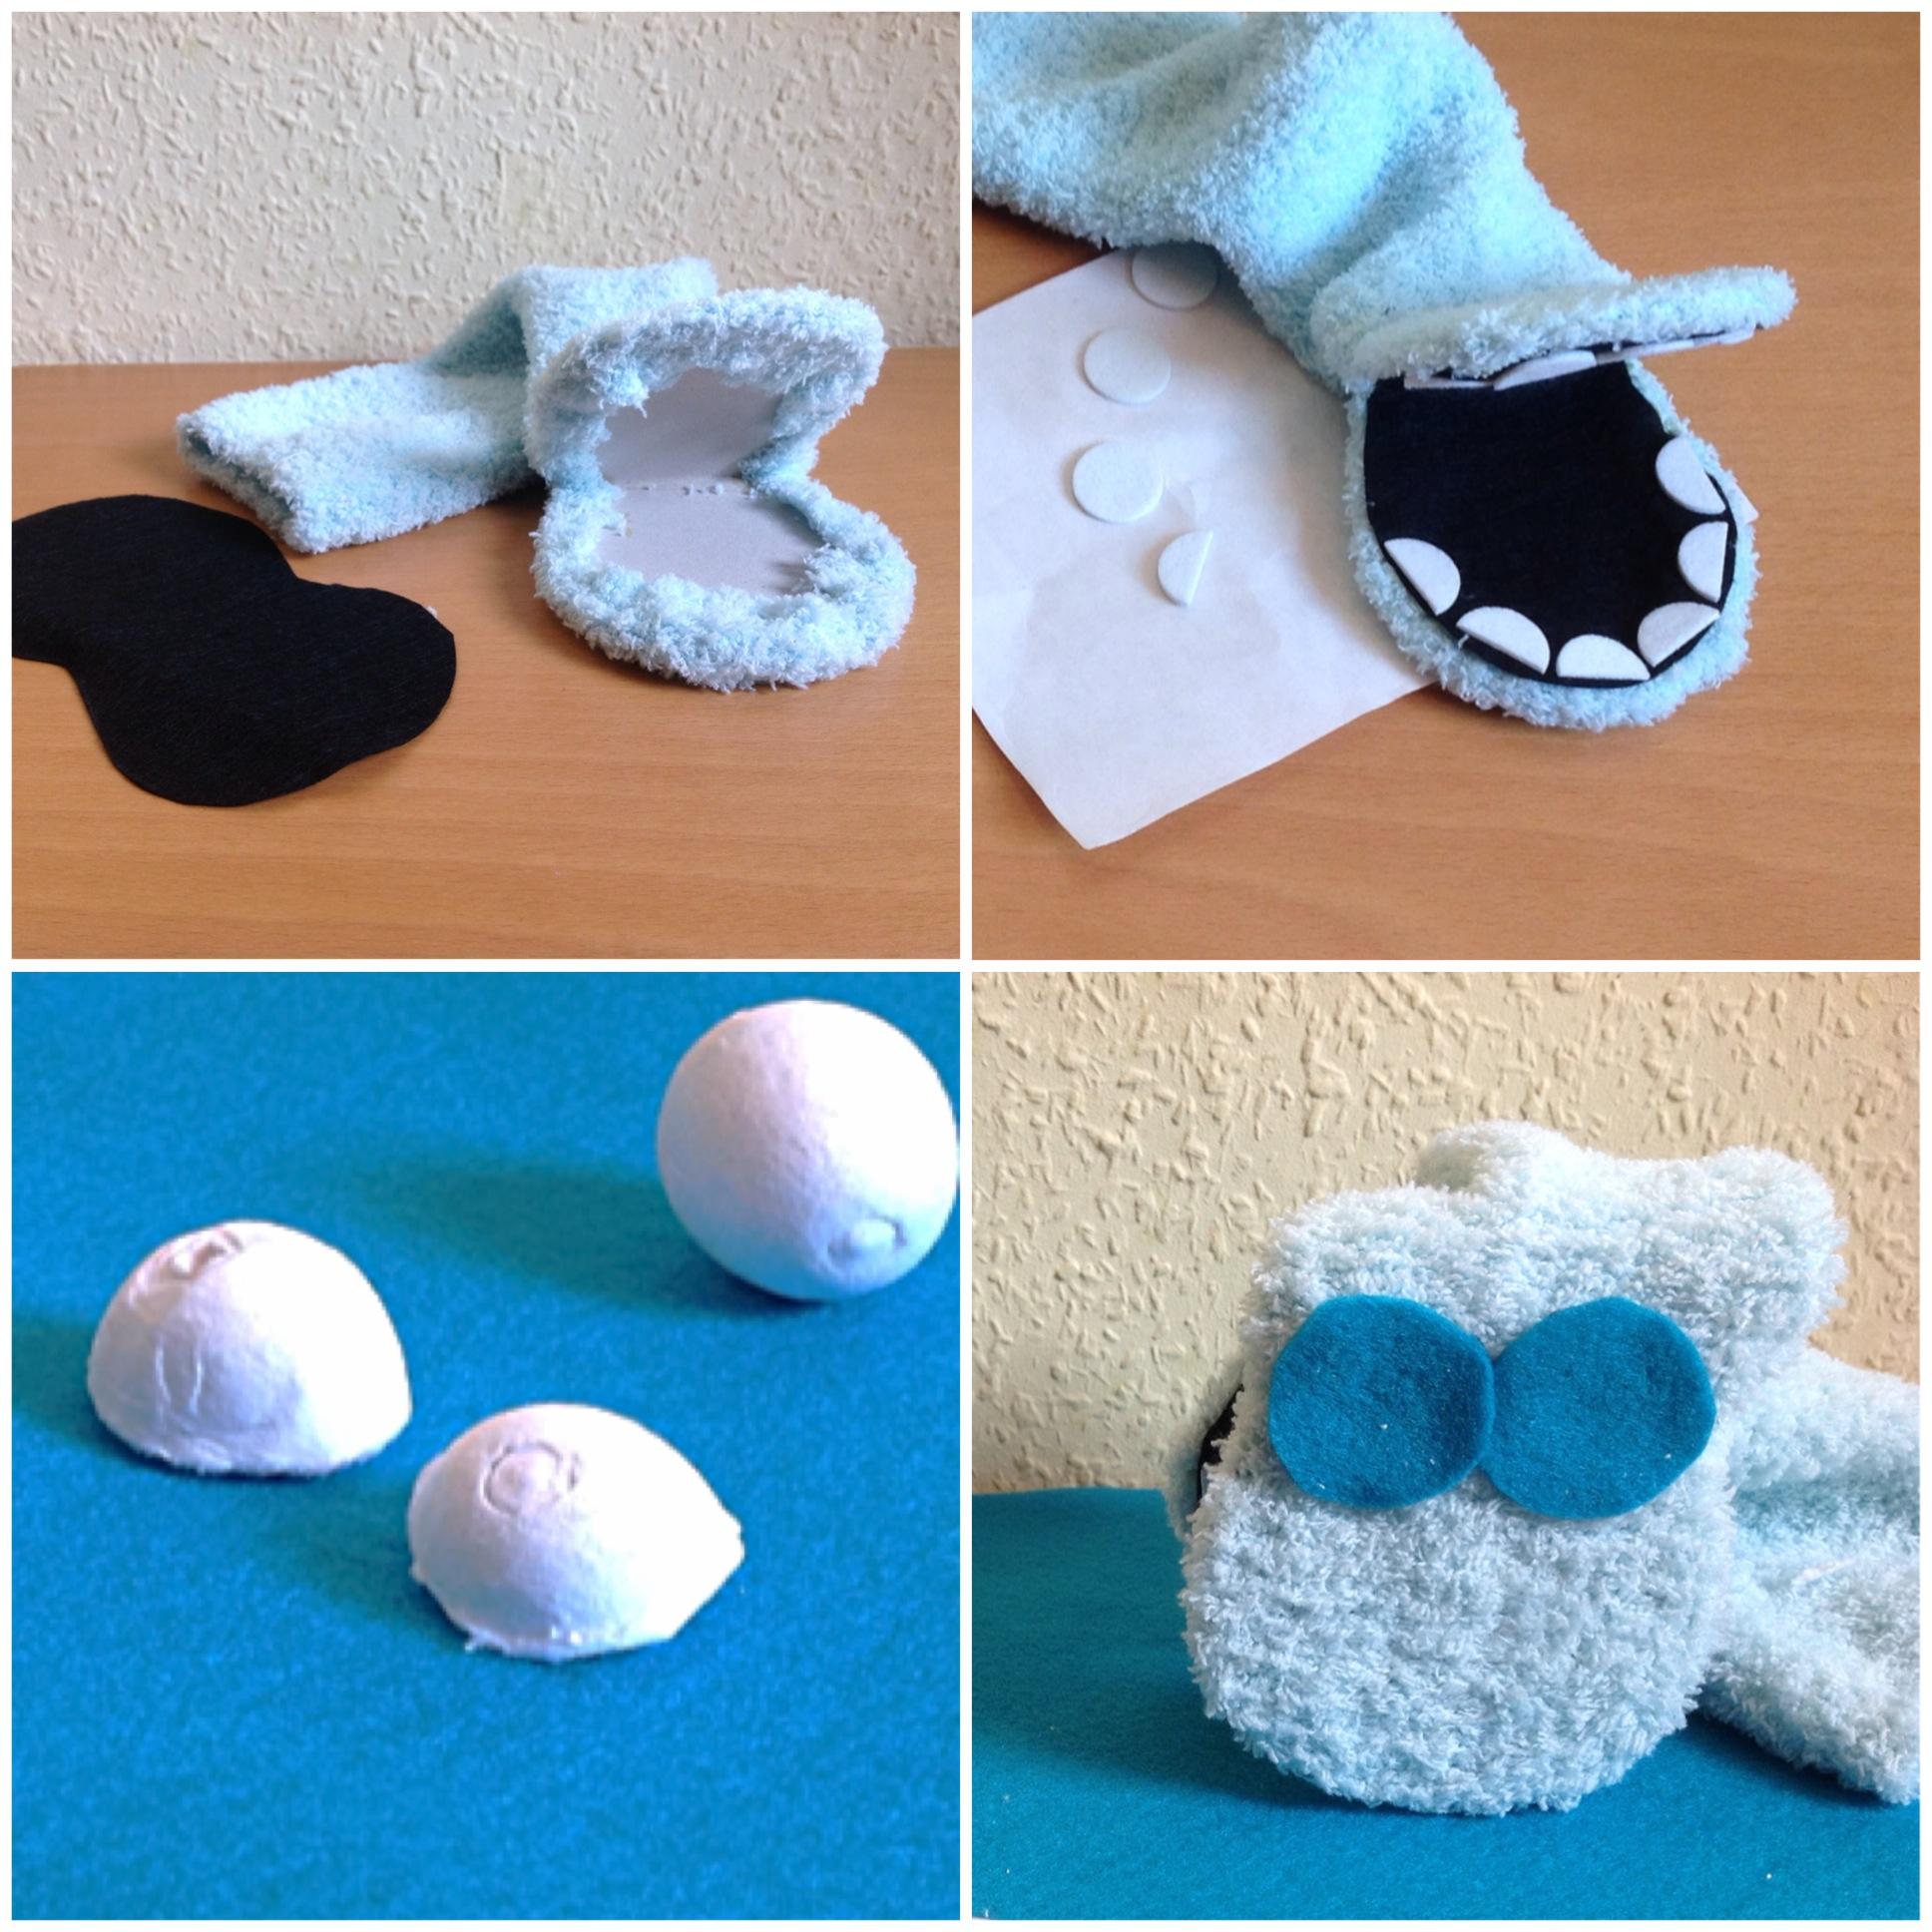 bilder aus kuerbiskernen mit kindern basteln, wie man kürbiskerne aus würmer machen, Design ideen